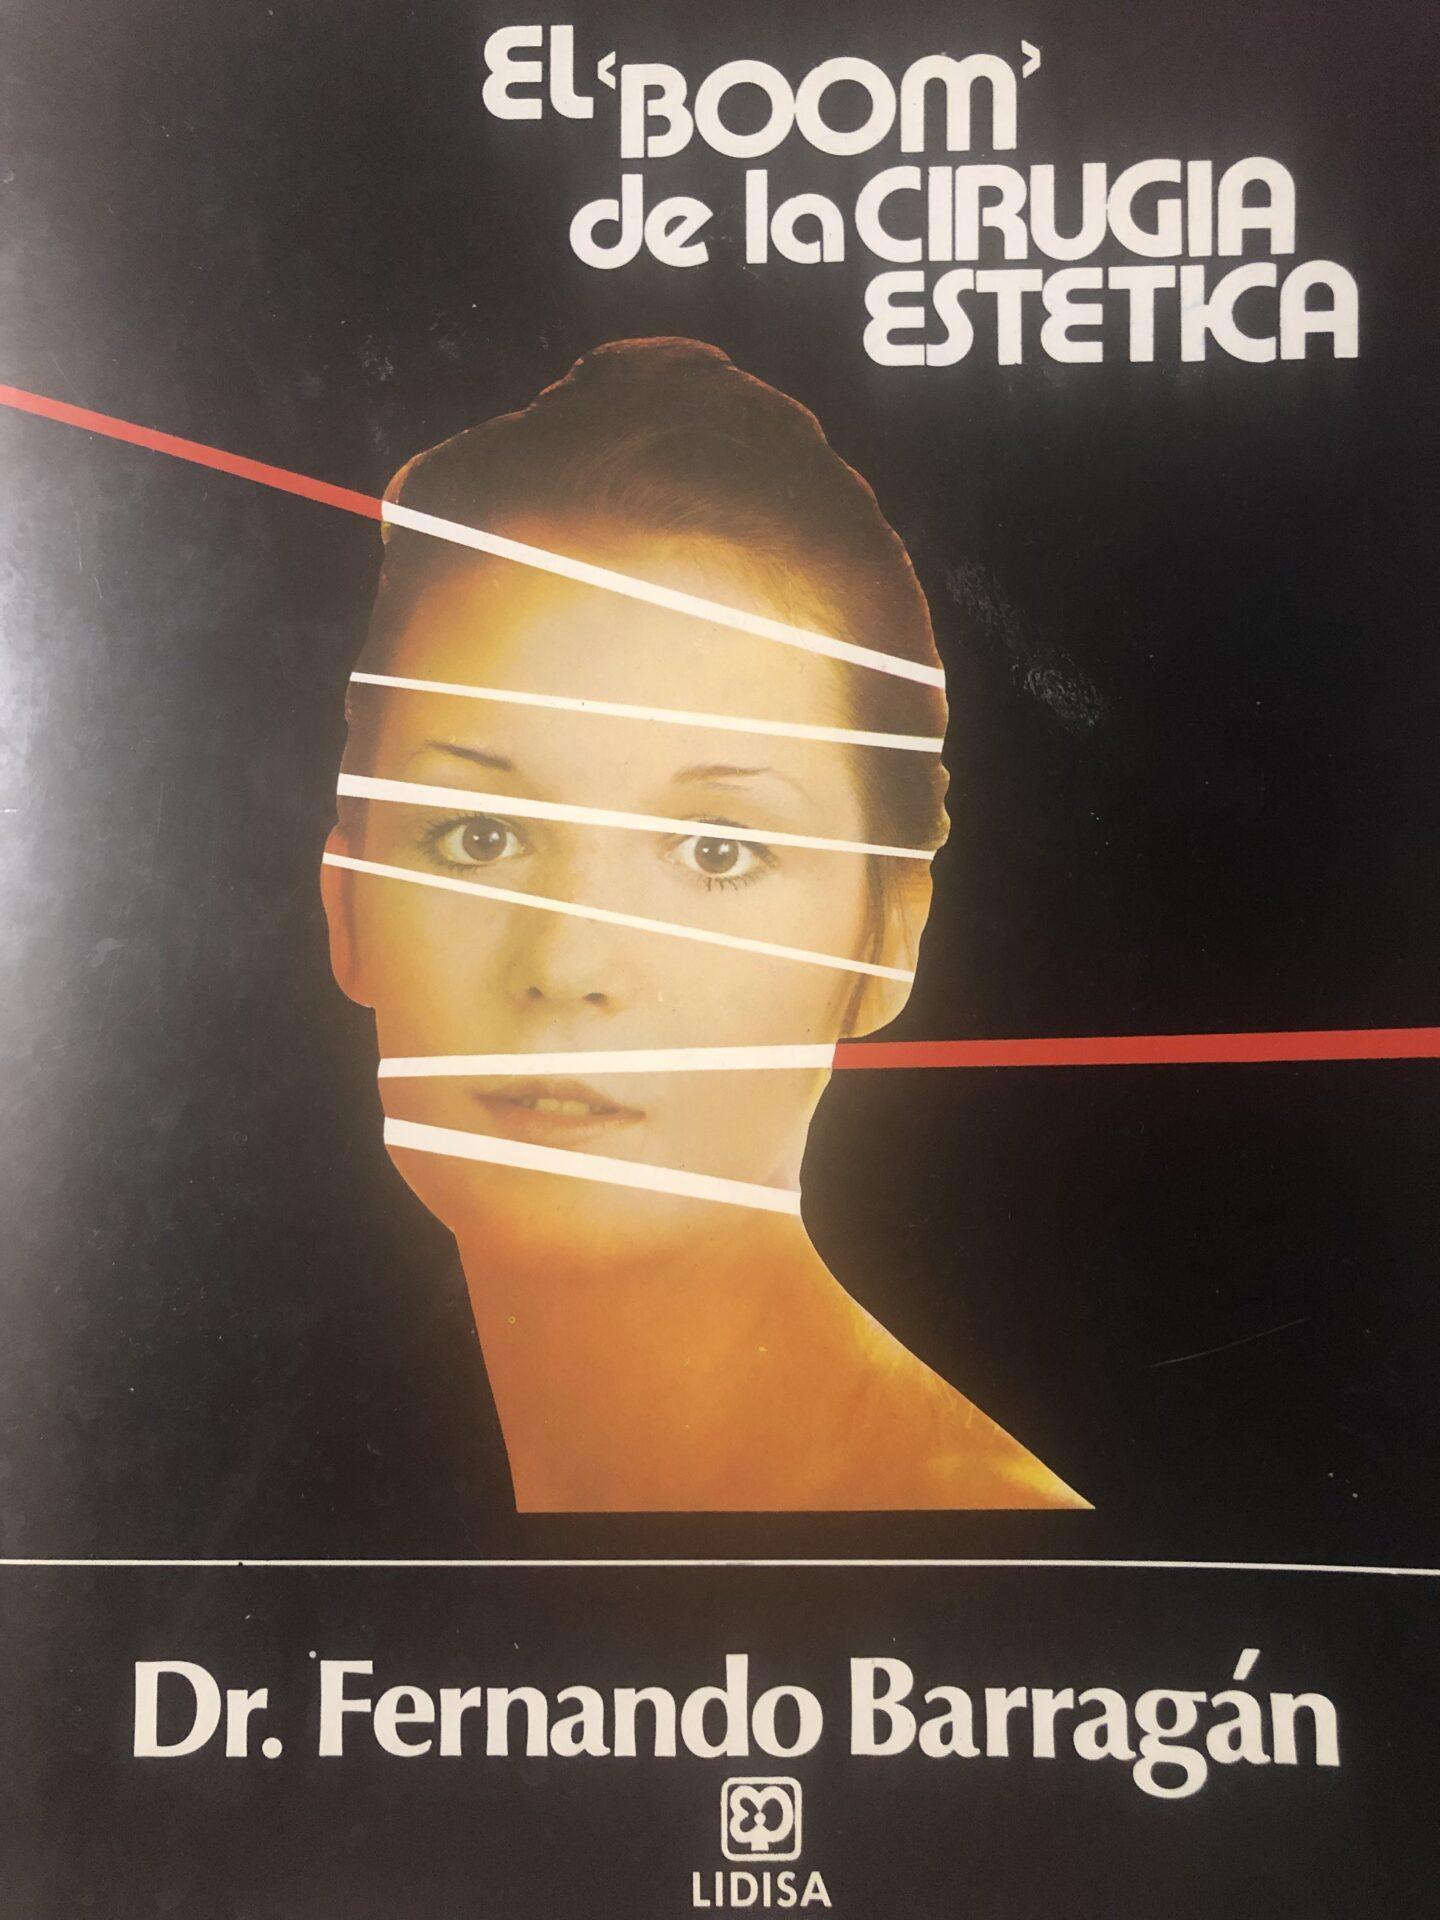 """El """"Boom"""" de la Cirugía Estetica"""